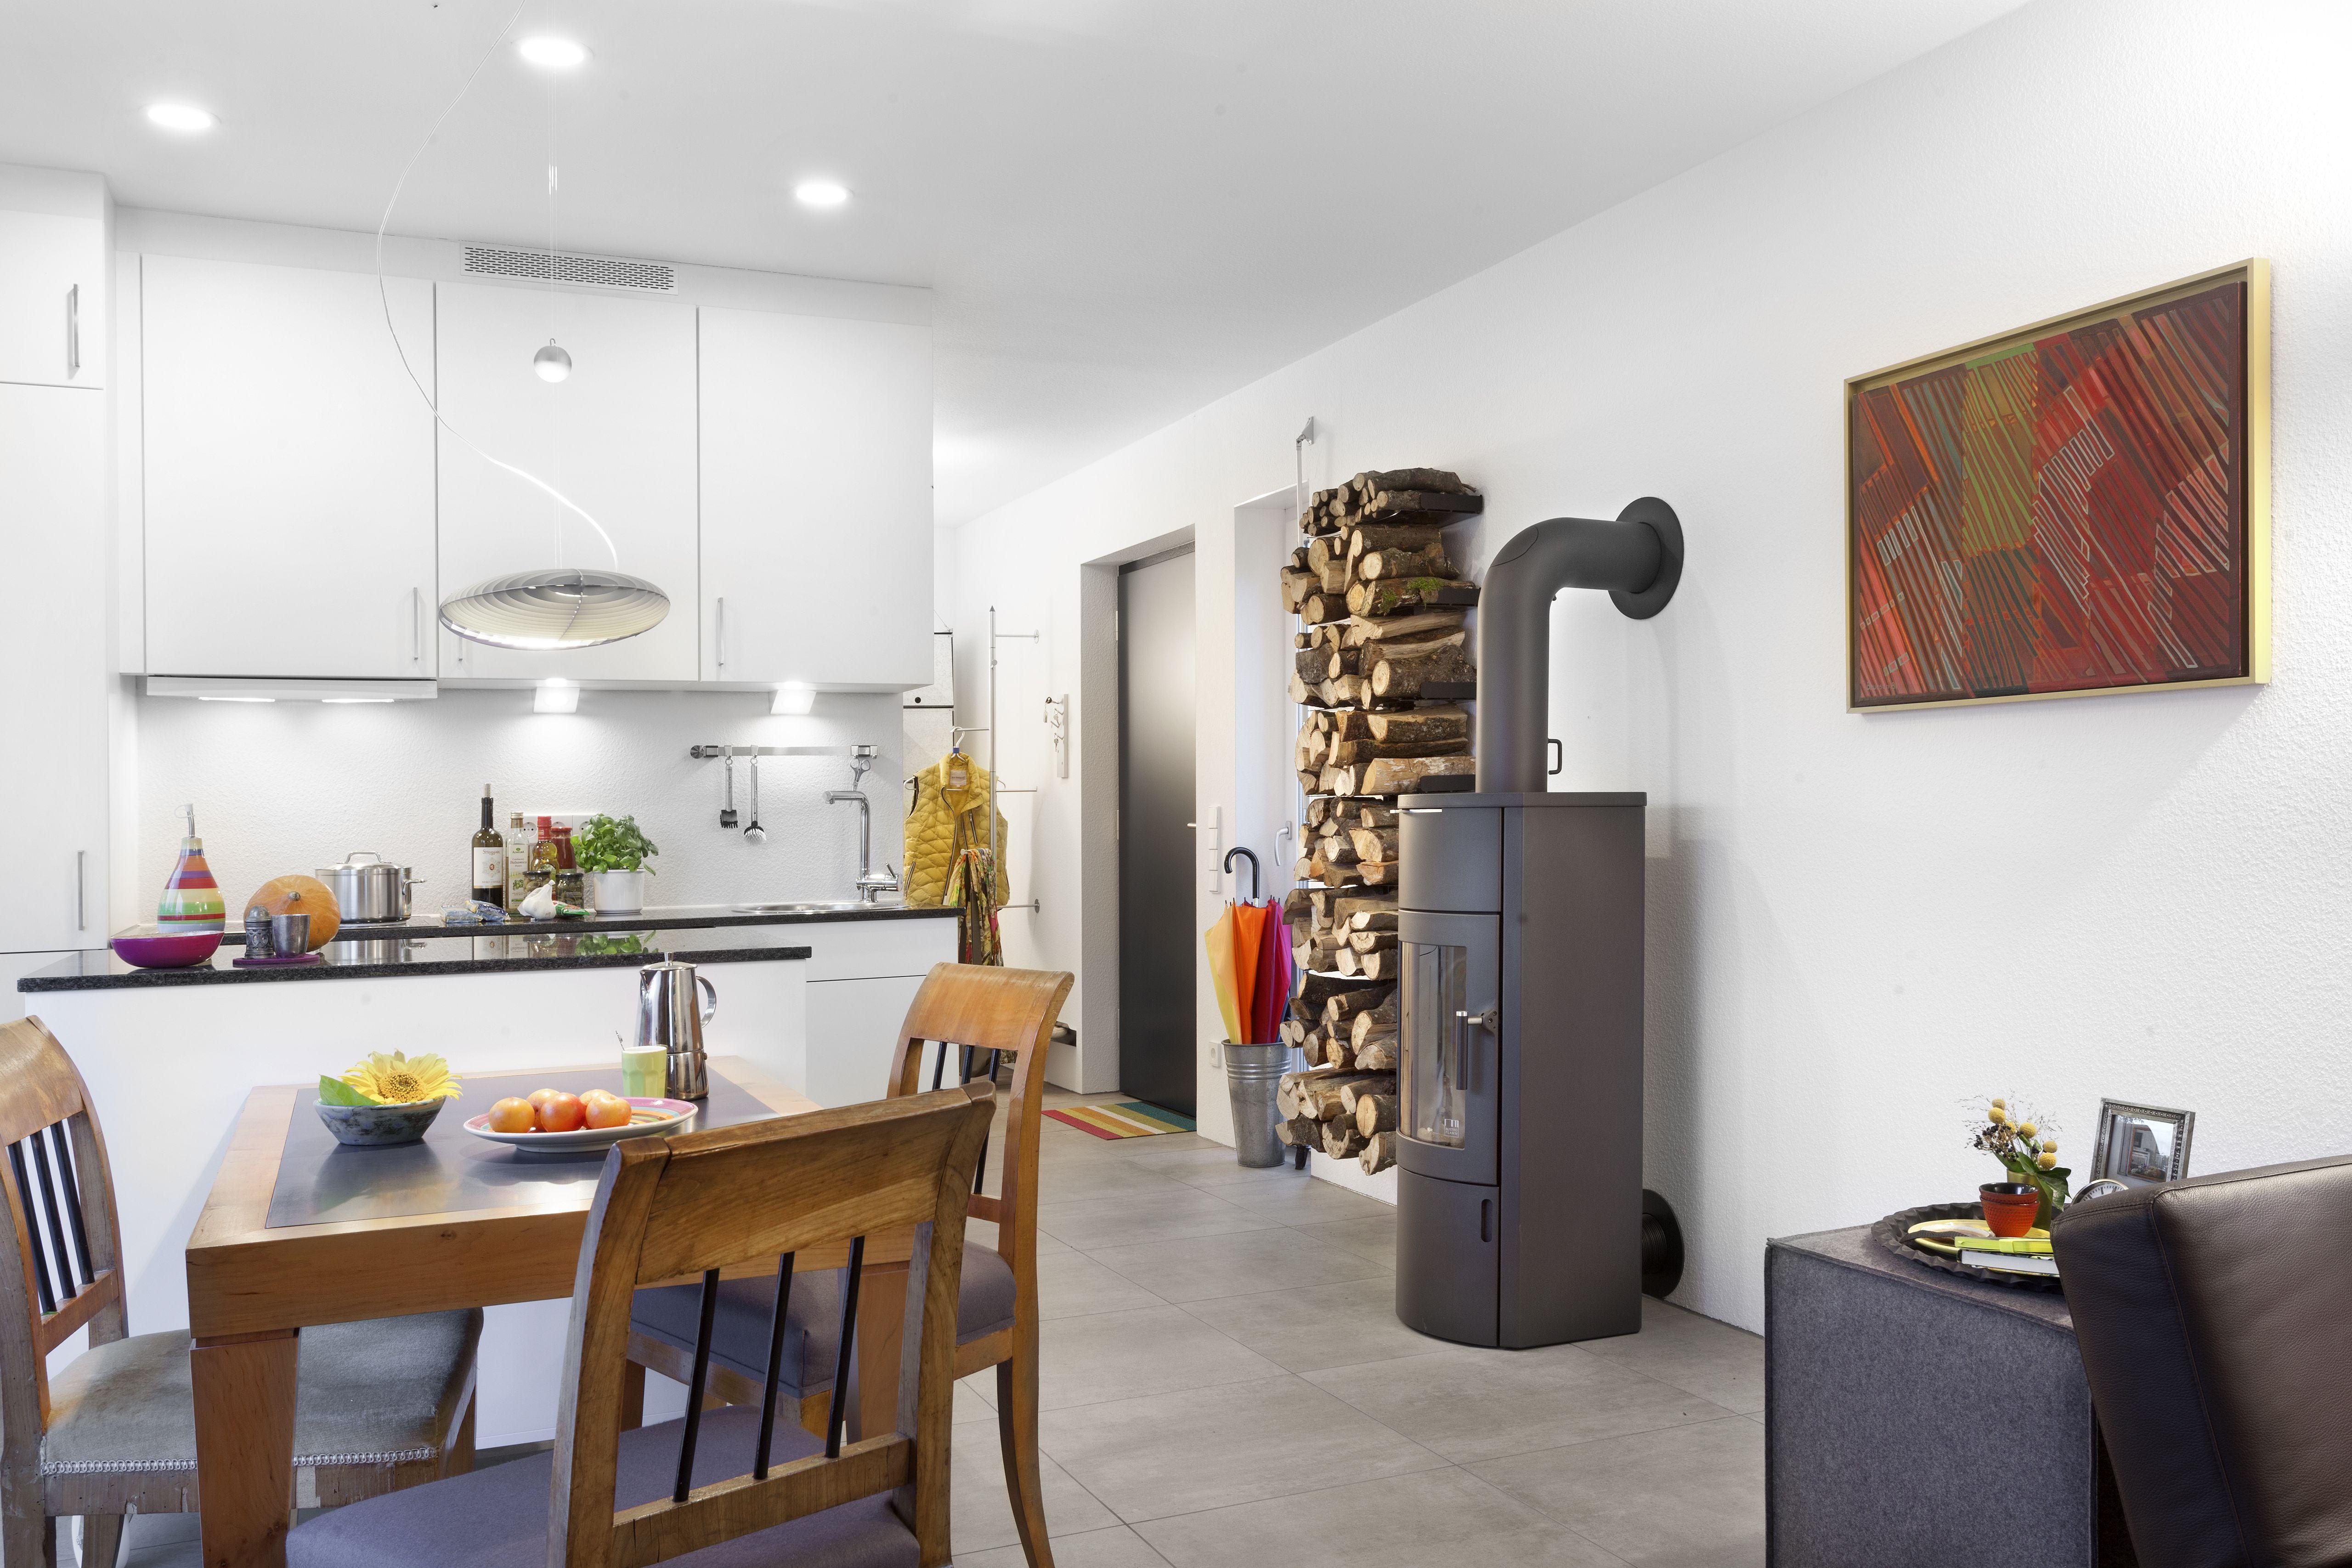 Fertighäuser bis 150.000 Euro Modernes kleines haus